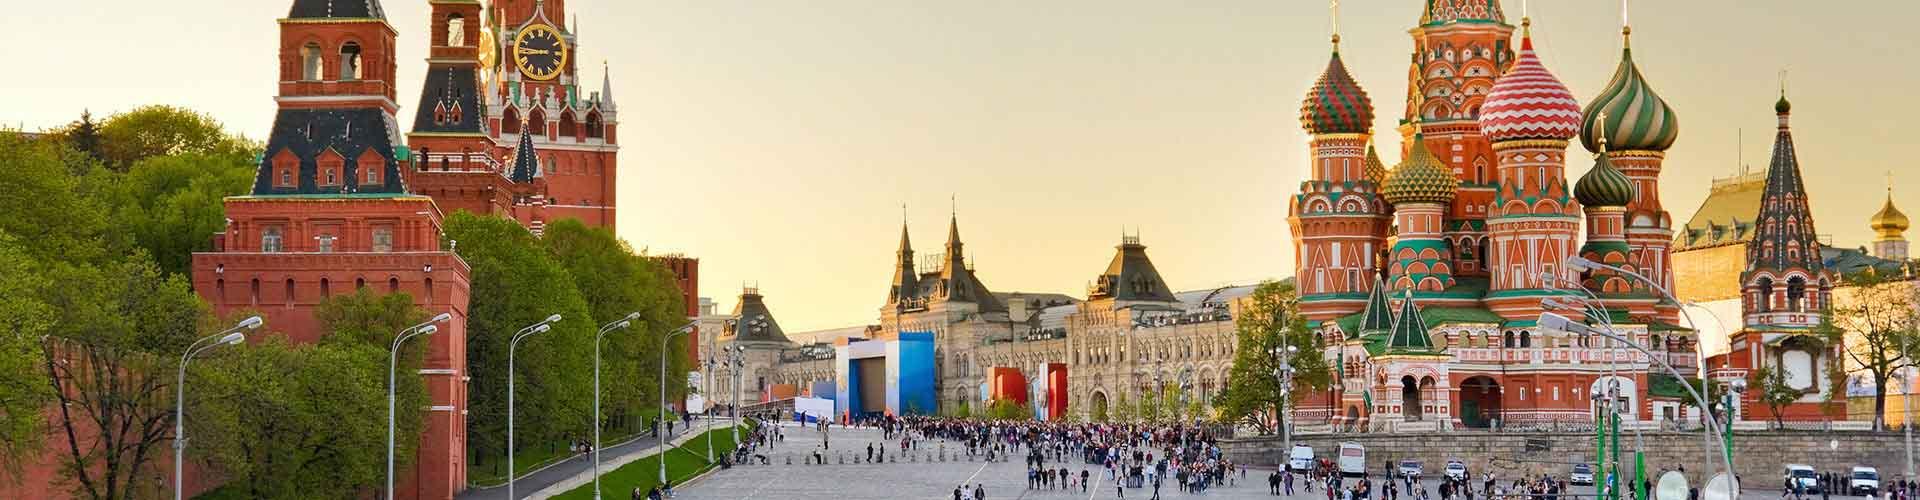 Moscou - Chambres près de Sept Sœurs. Cartes pour Moscou, photos et commentaires pour chaque chambre à Moscou.